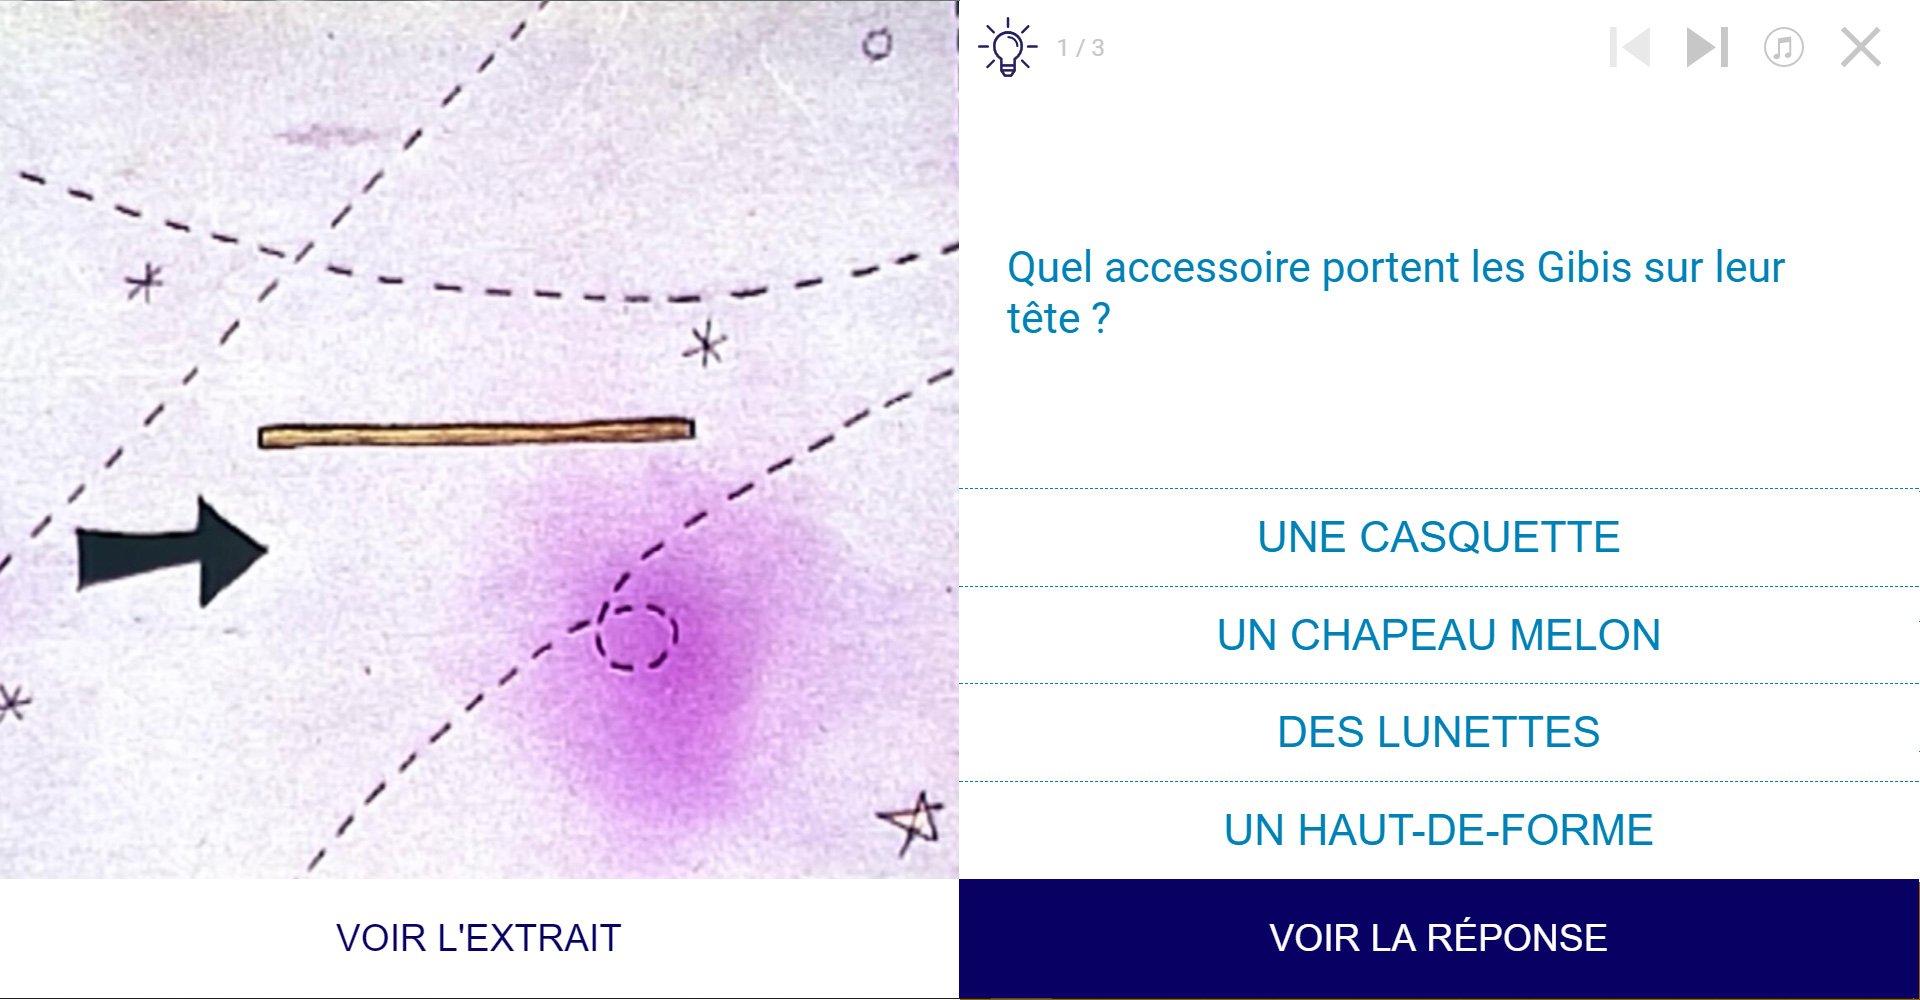 TVneurones Le Grand Jeu : logiciel qui utilise les archives vidéos de l'INA pour la stimuler les capacités cognitives des personnes âgées - exemple activité module attention avec les Gibis